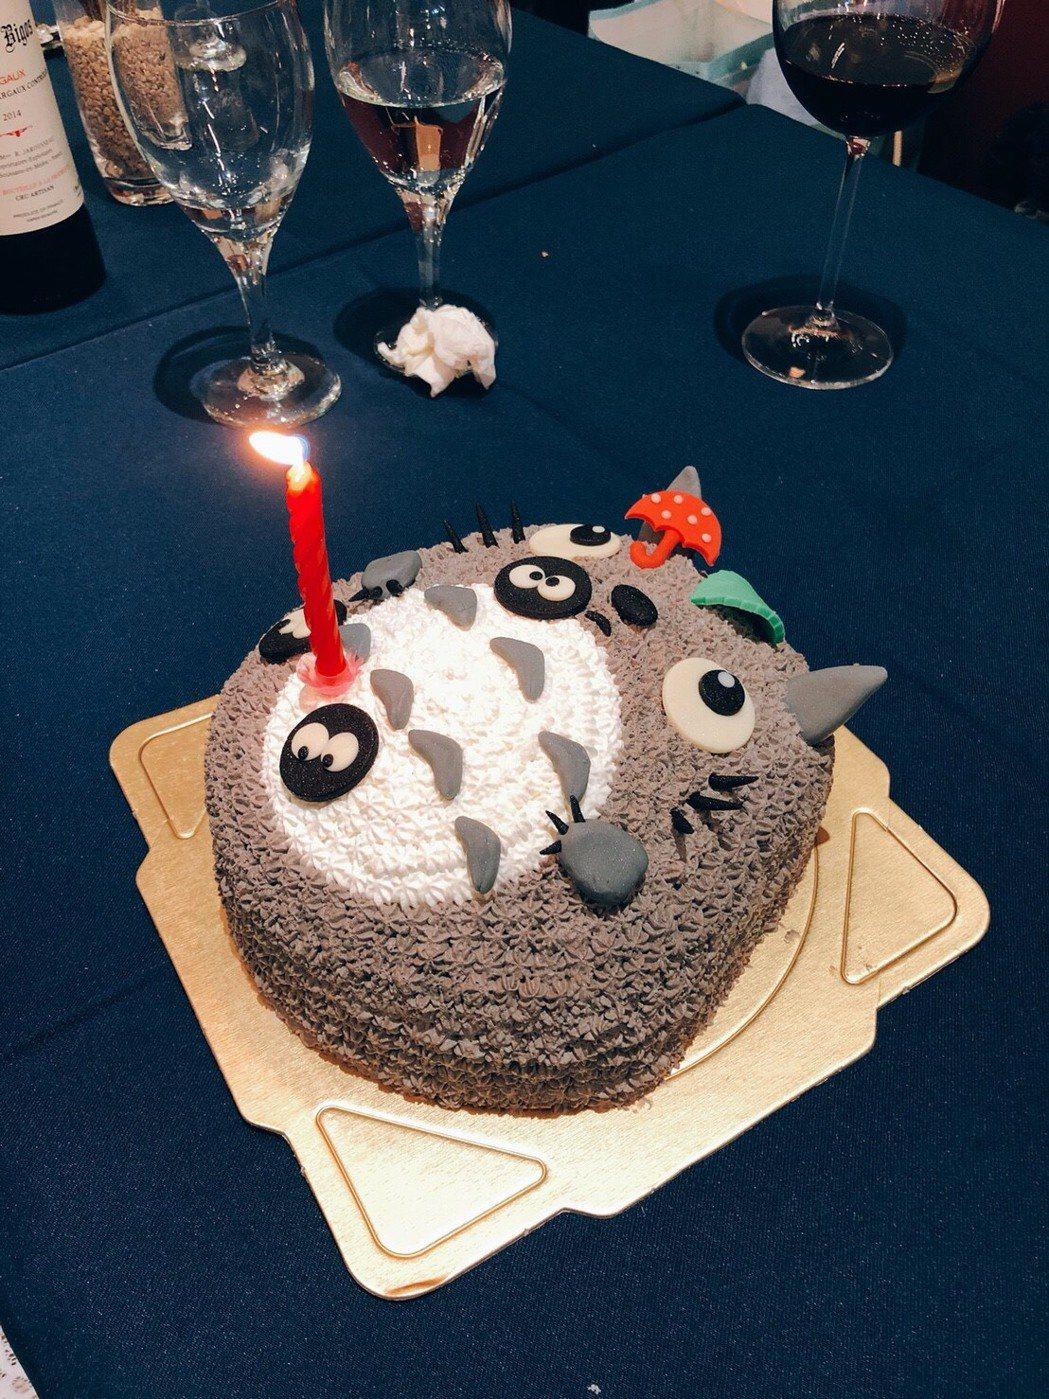 兵家綺手藝佳,製作的龍貓蛋糕超可愛。圖/民視提供